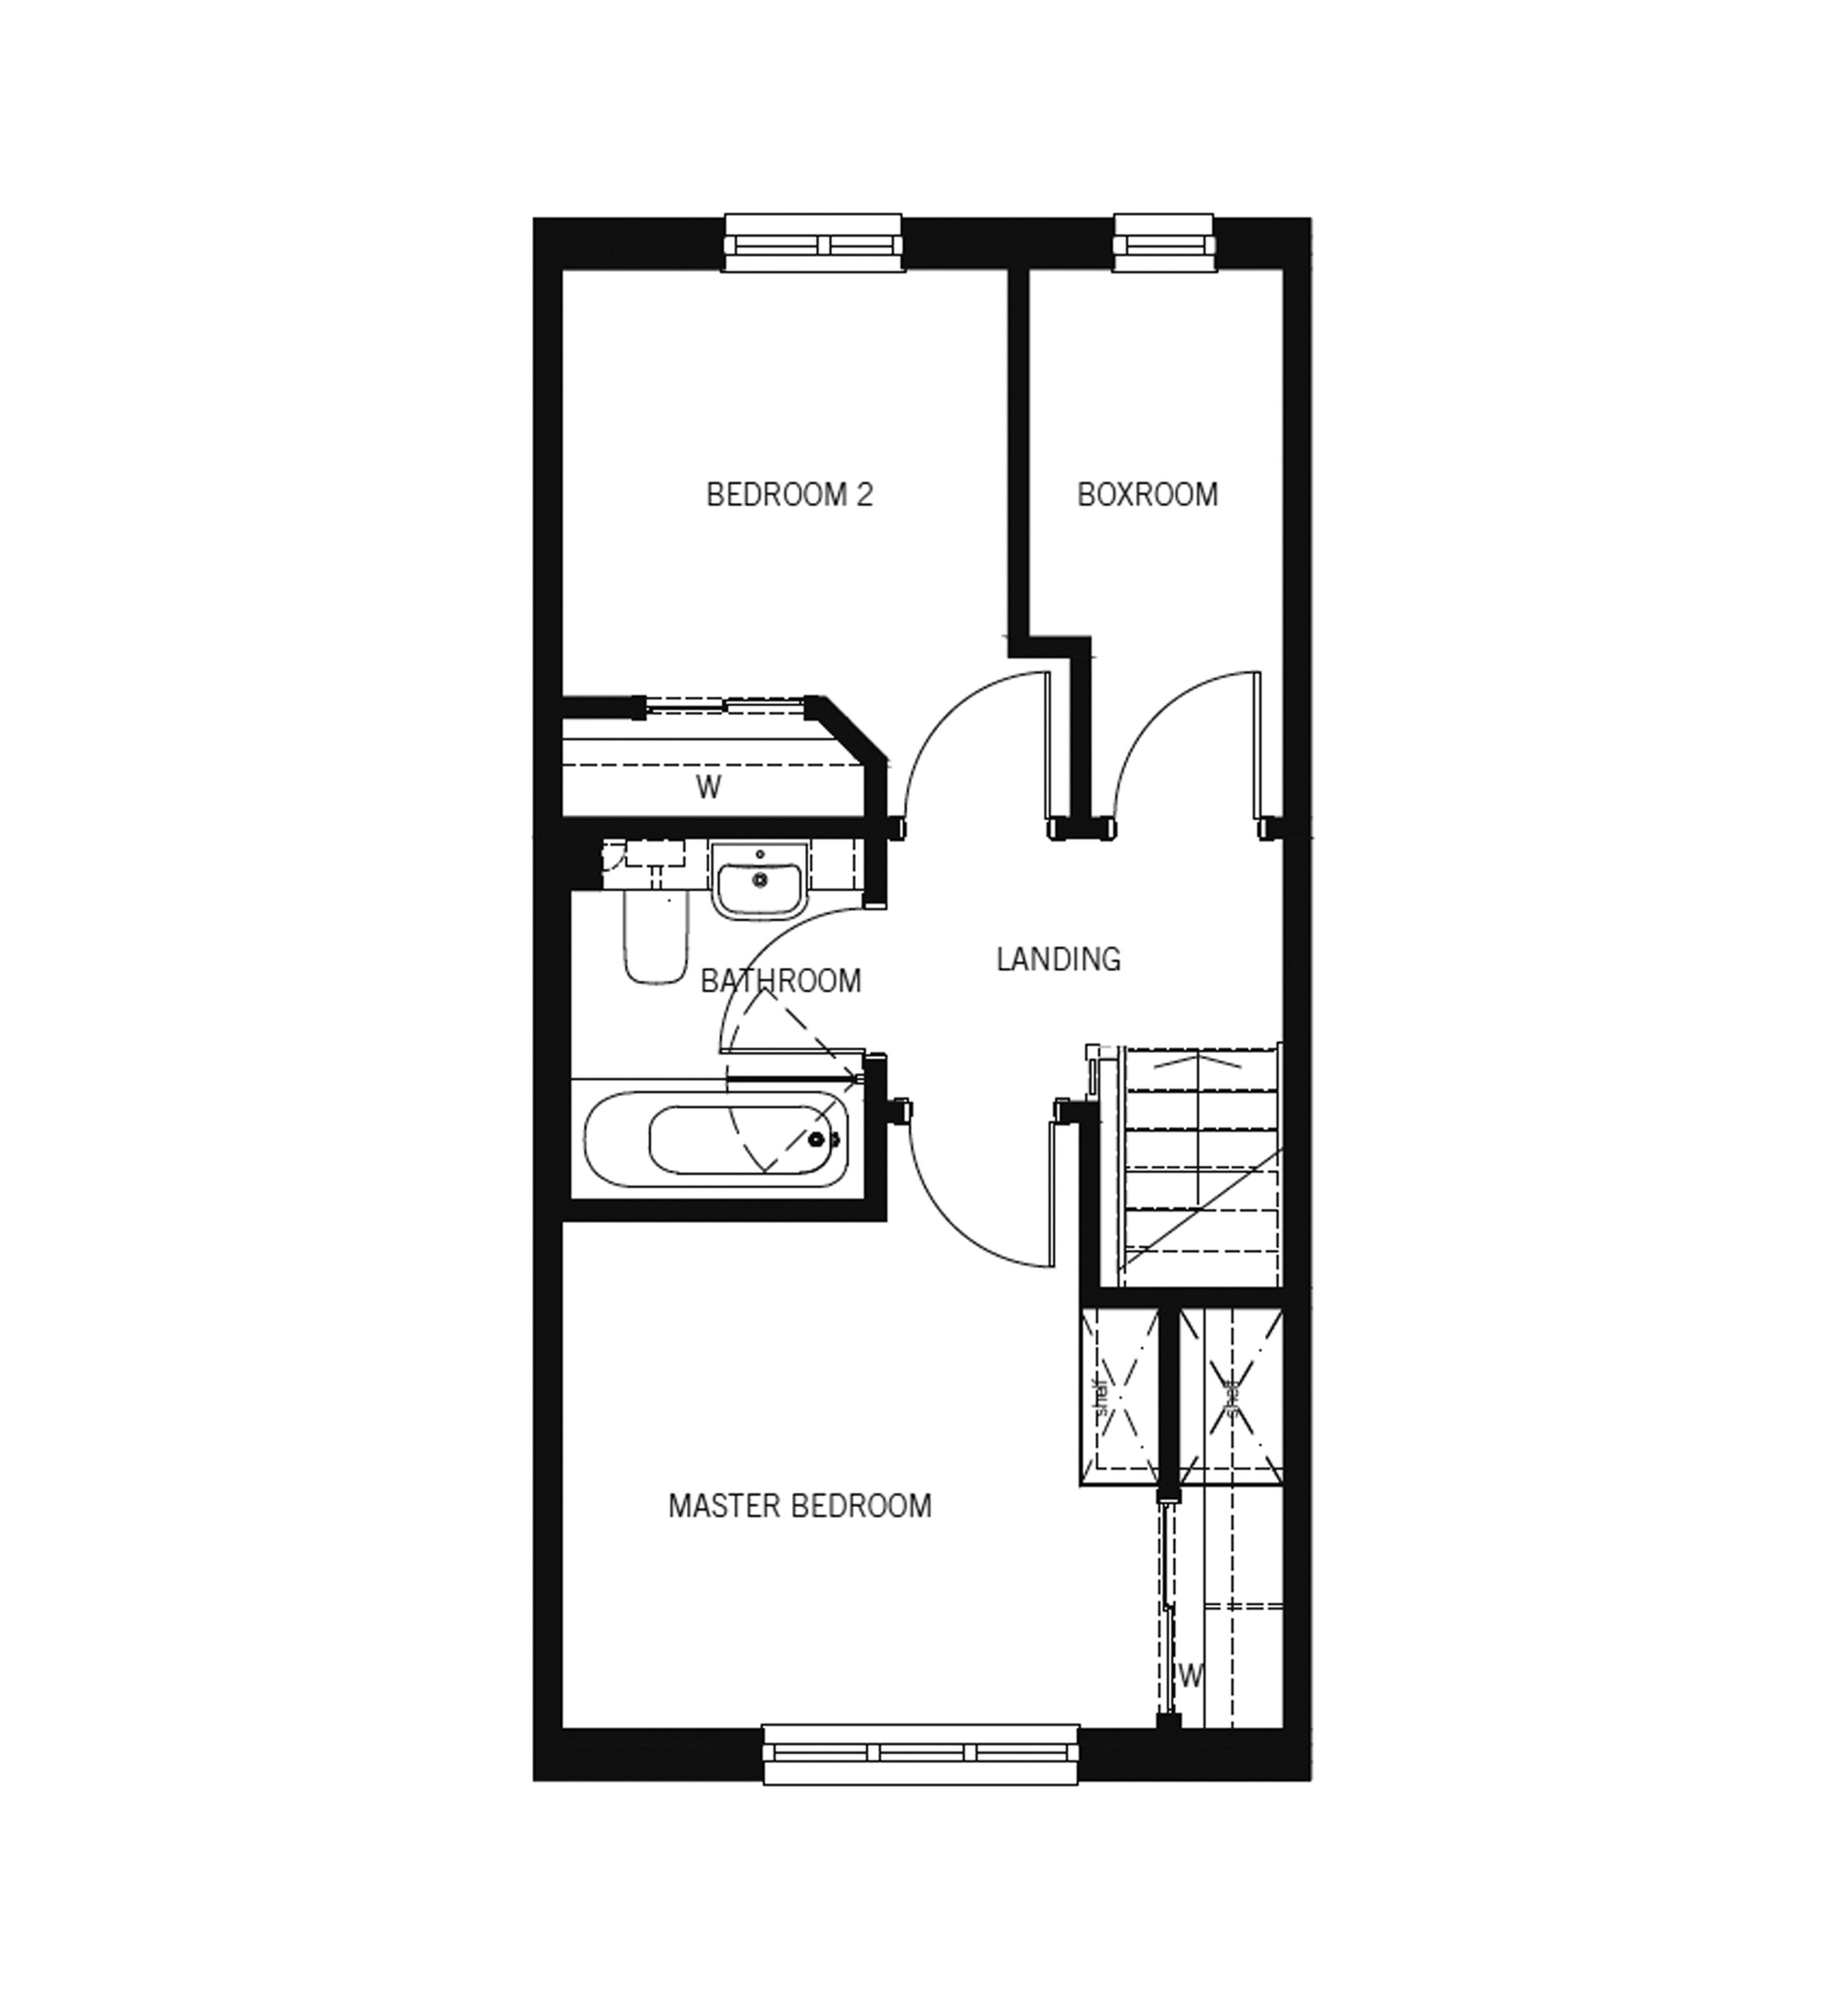 Dunnottar Park Homes For Sale Stewart Milne Homes